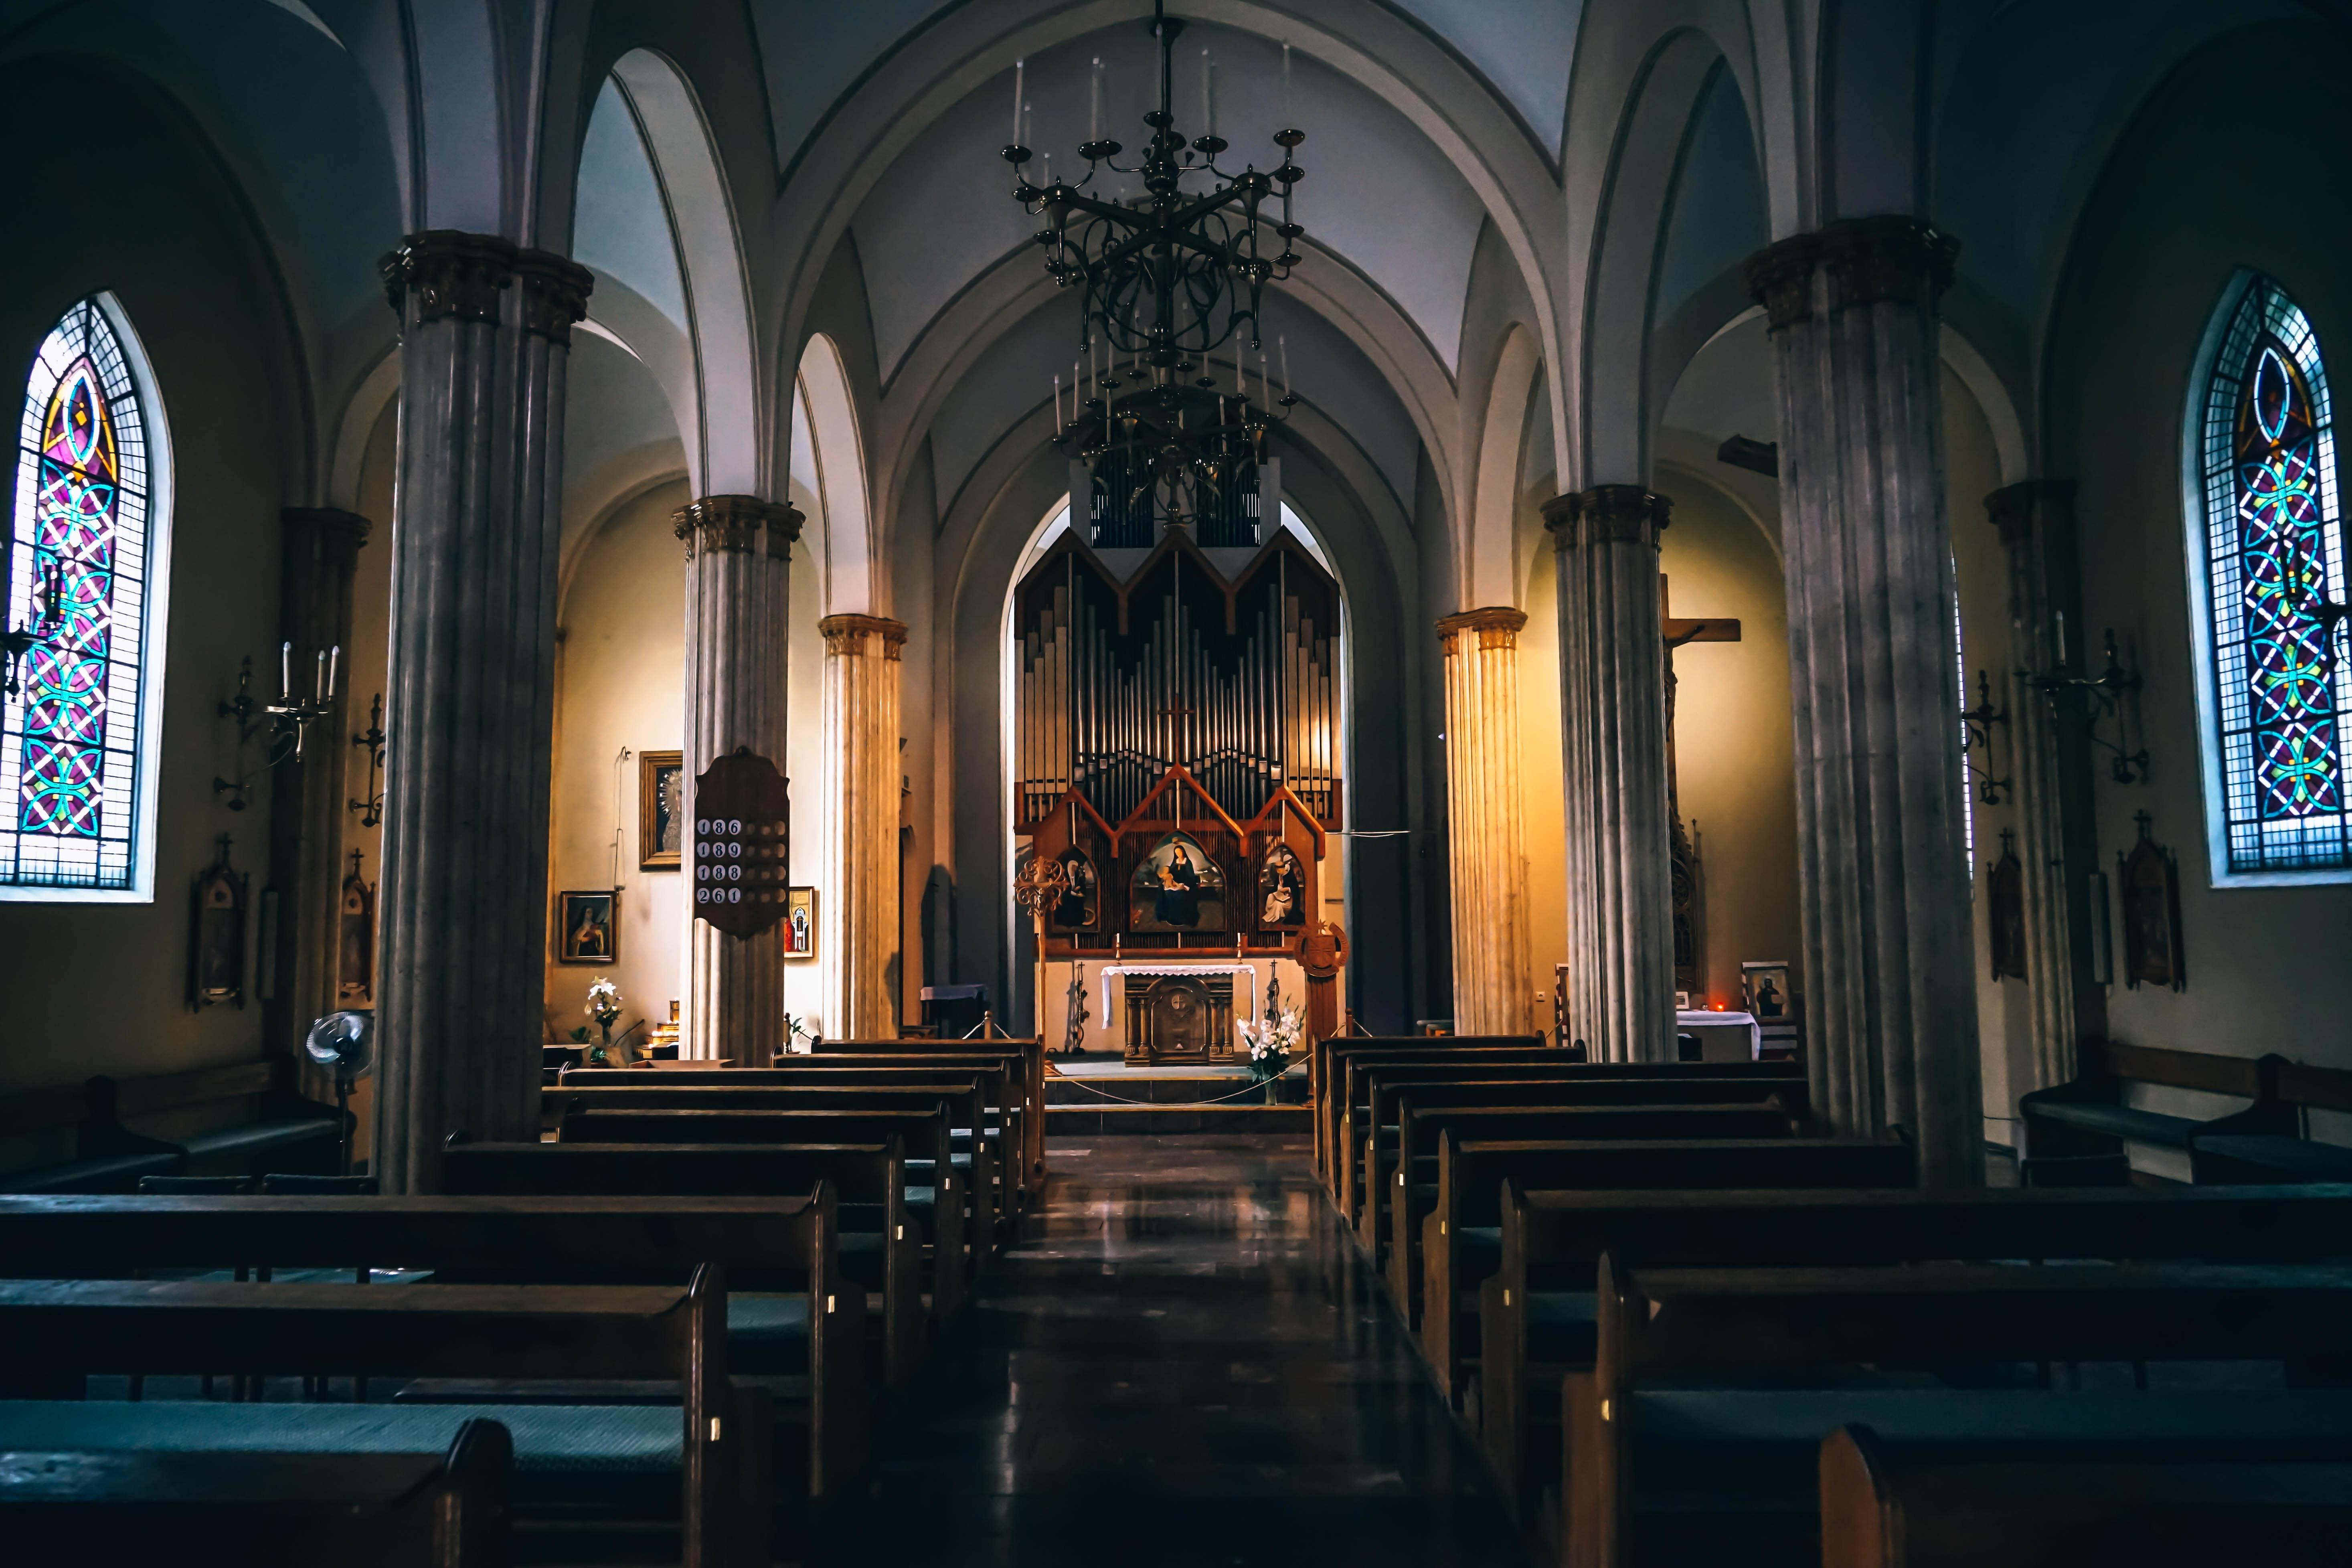 Church Pews Near Concrete Pillars in Church, Aisle, Altar, Arches, Architecture, HQ Photo